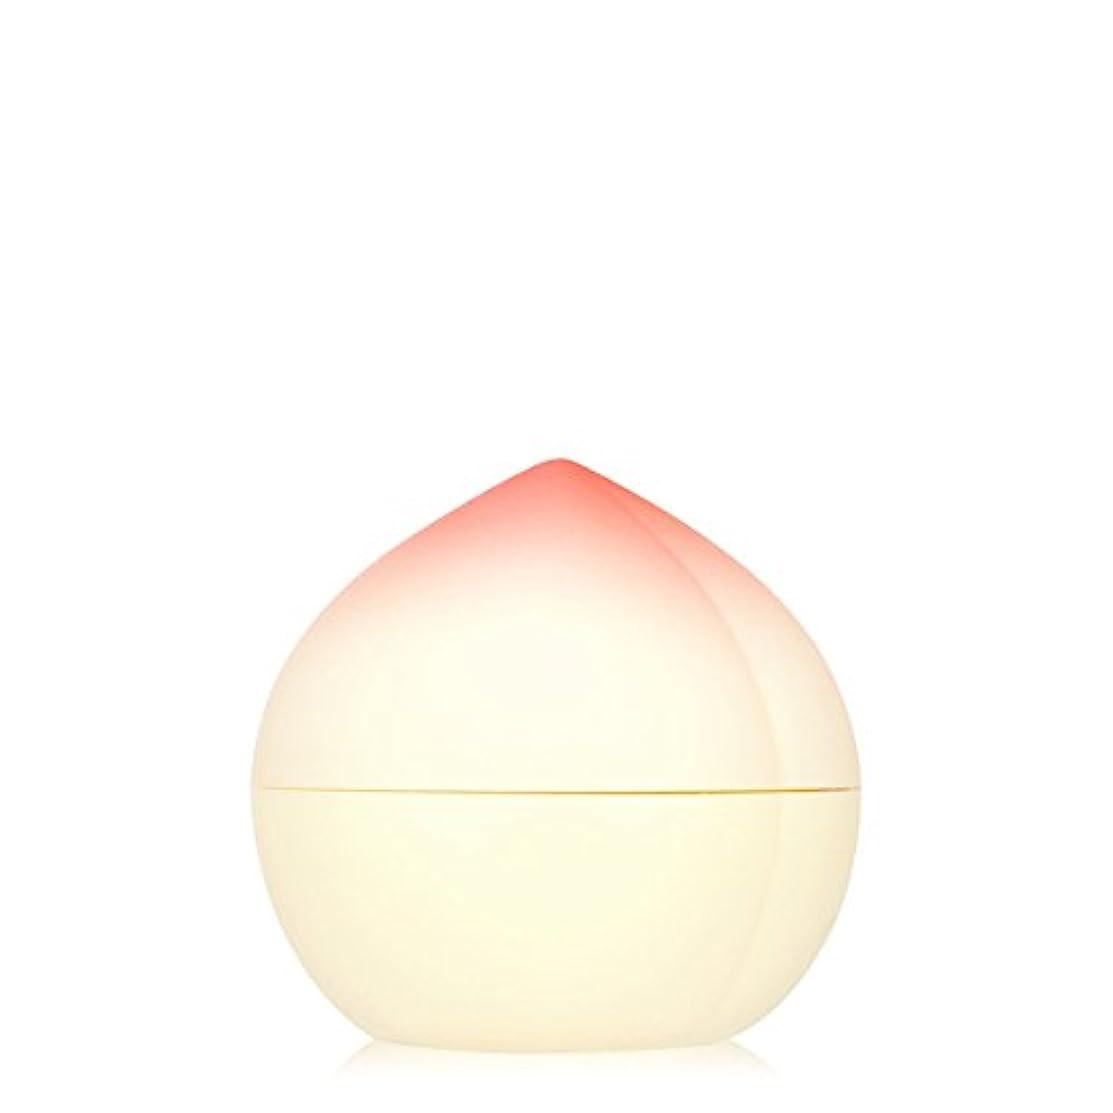 変形きれいに探す[1+1] TONY MOLY Peach Hand Cream 30g / トニーモリーピーチハンドクリーム 30g [並行輸入品]